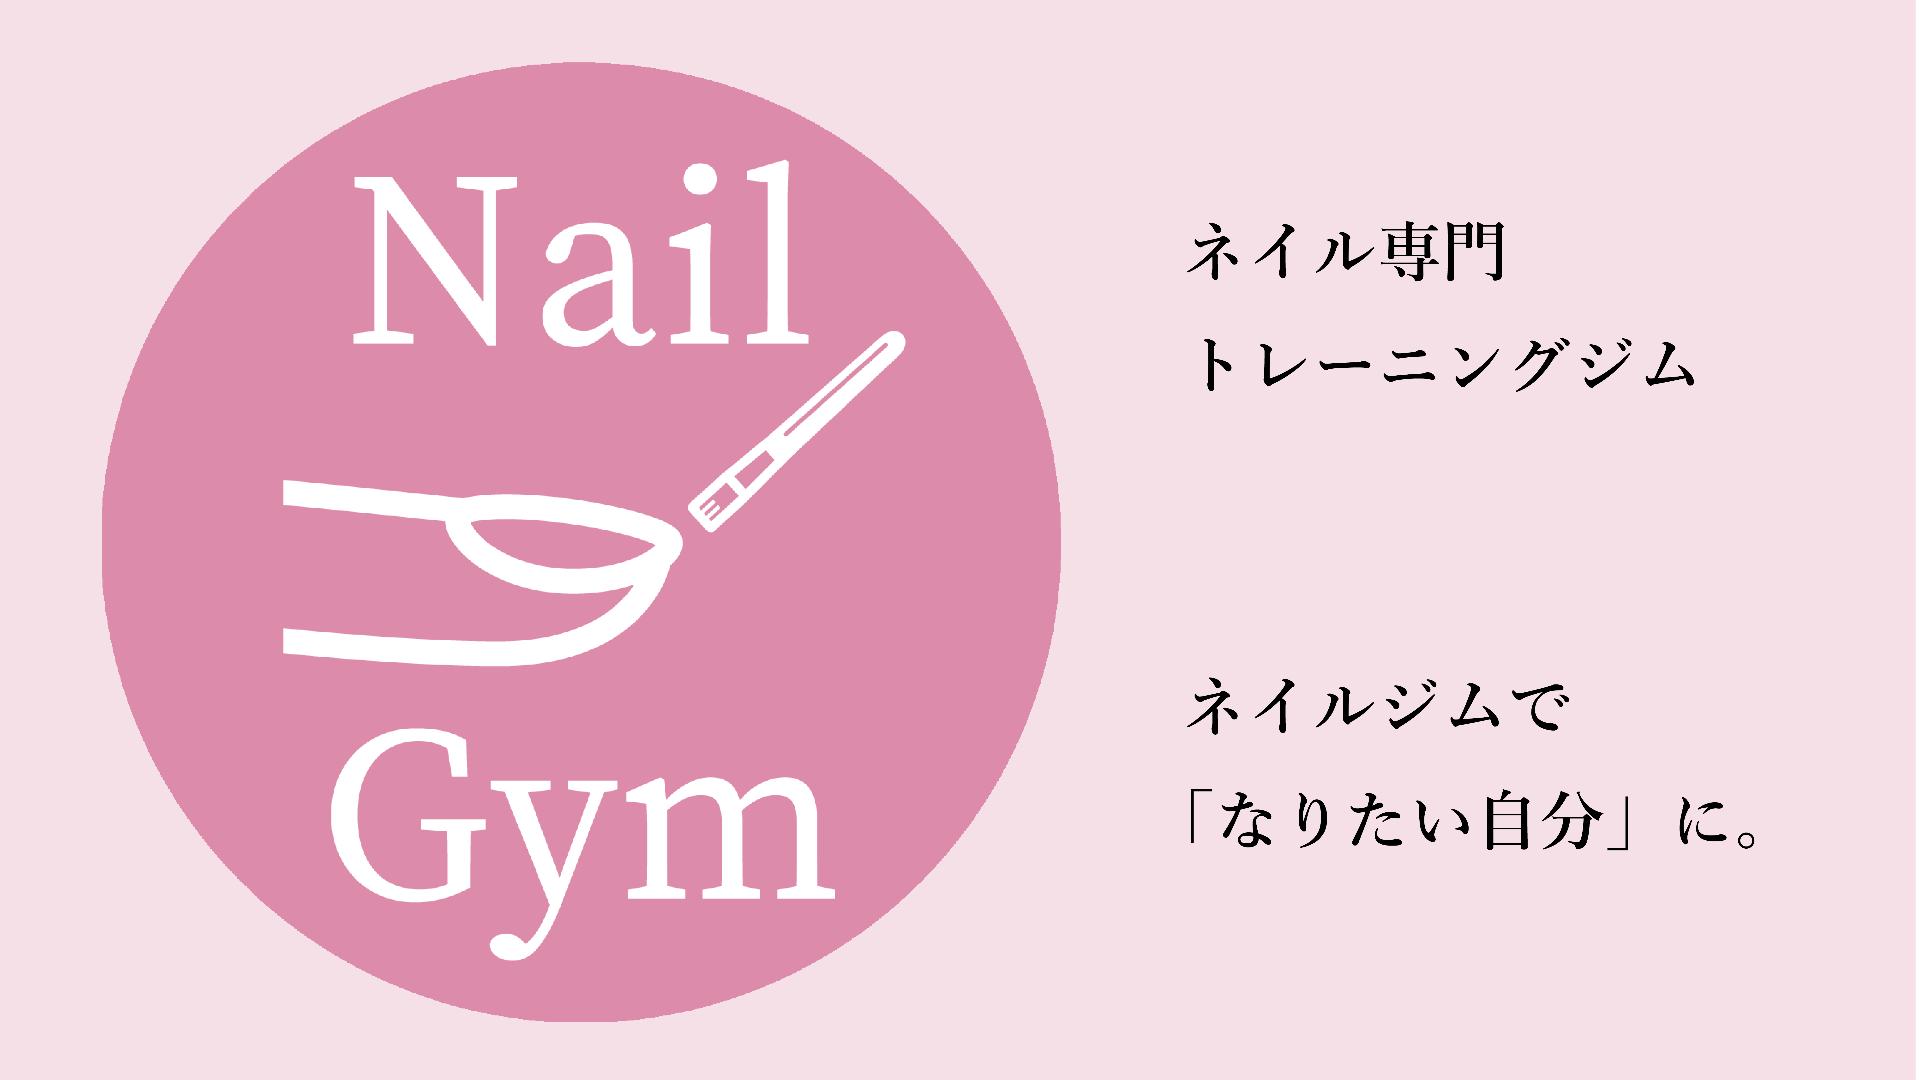 ネイルジム - ネイルジム Web!!〜ネイルでたくさんの人を幸せに!〜 - DMM オンラインサロン